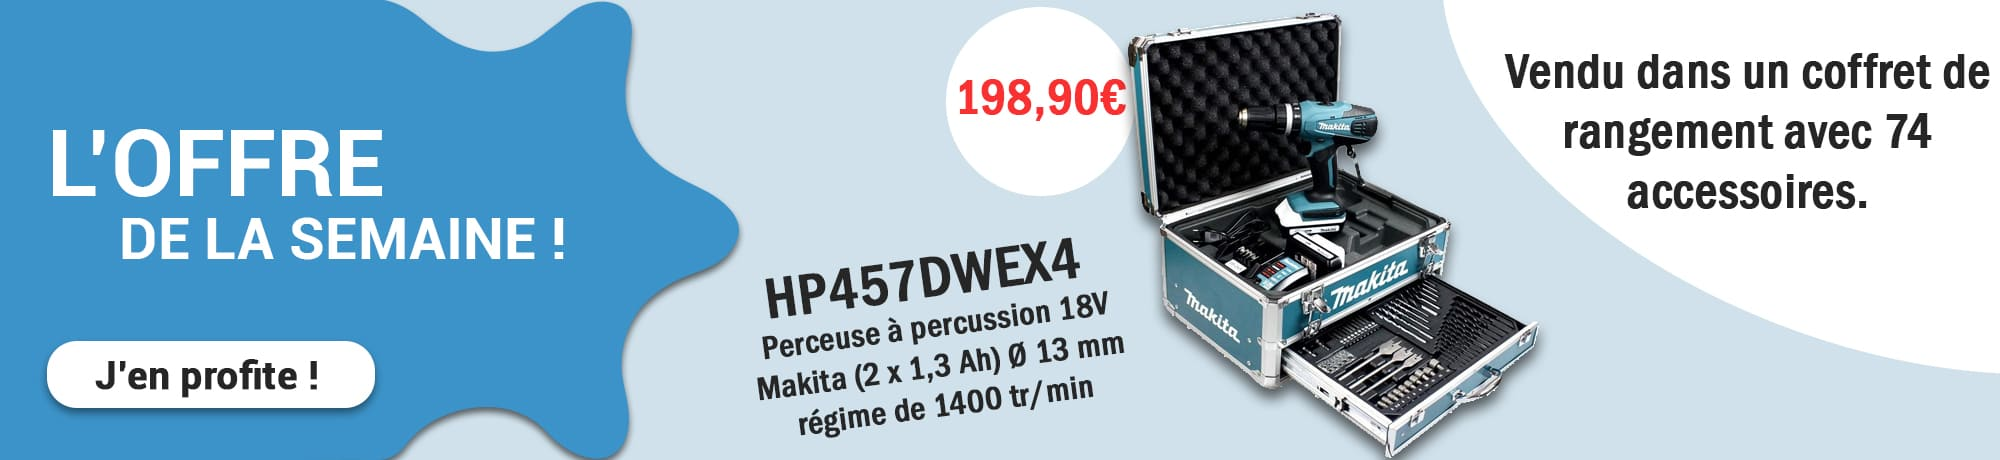 Offre perceuse Makita HP457DWEX4